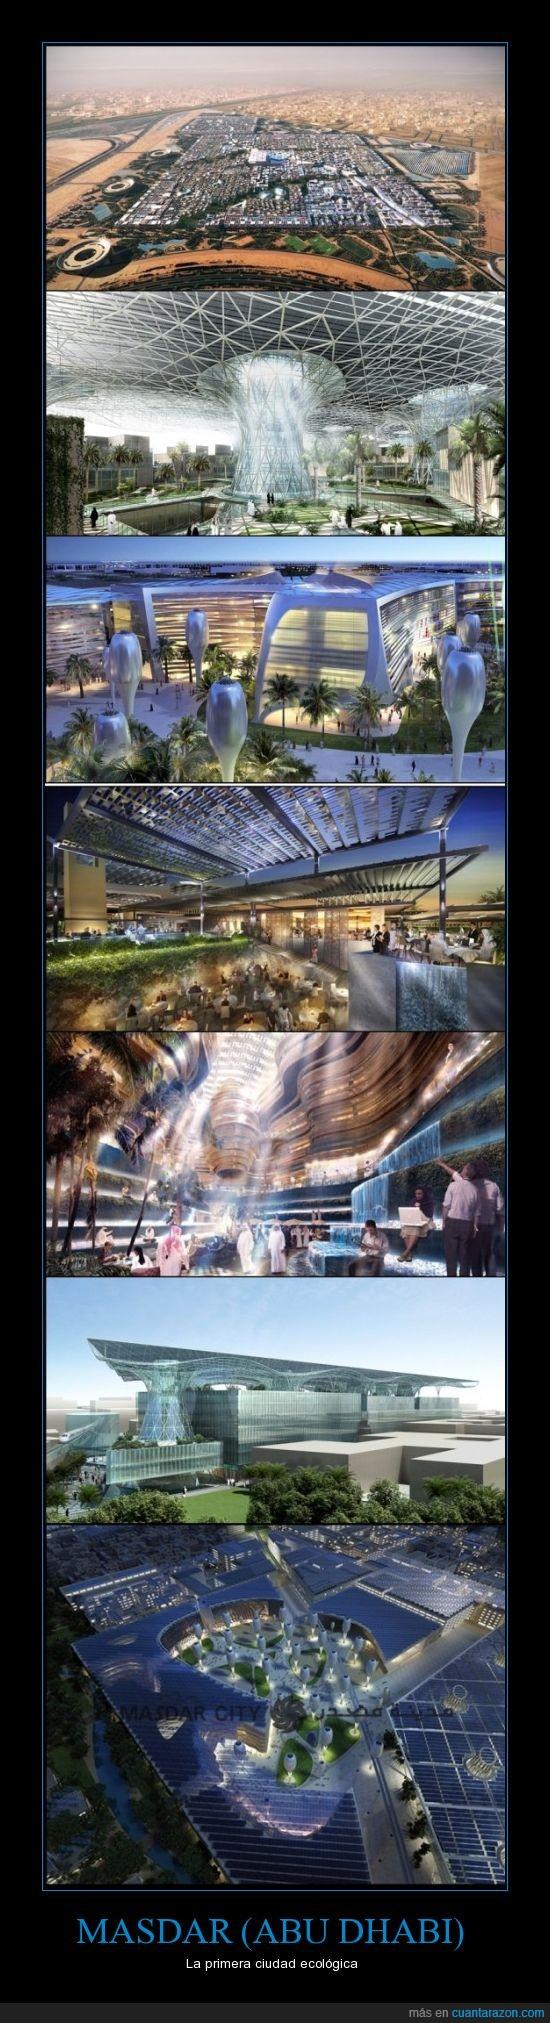 abu dhabi,existirá en 2015,futuro,masdar,primera ciudad ecologica,proyecto